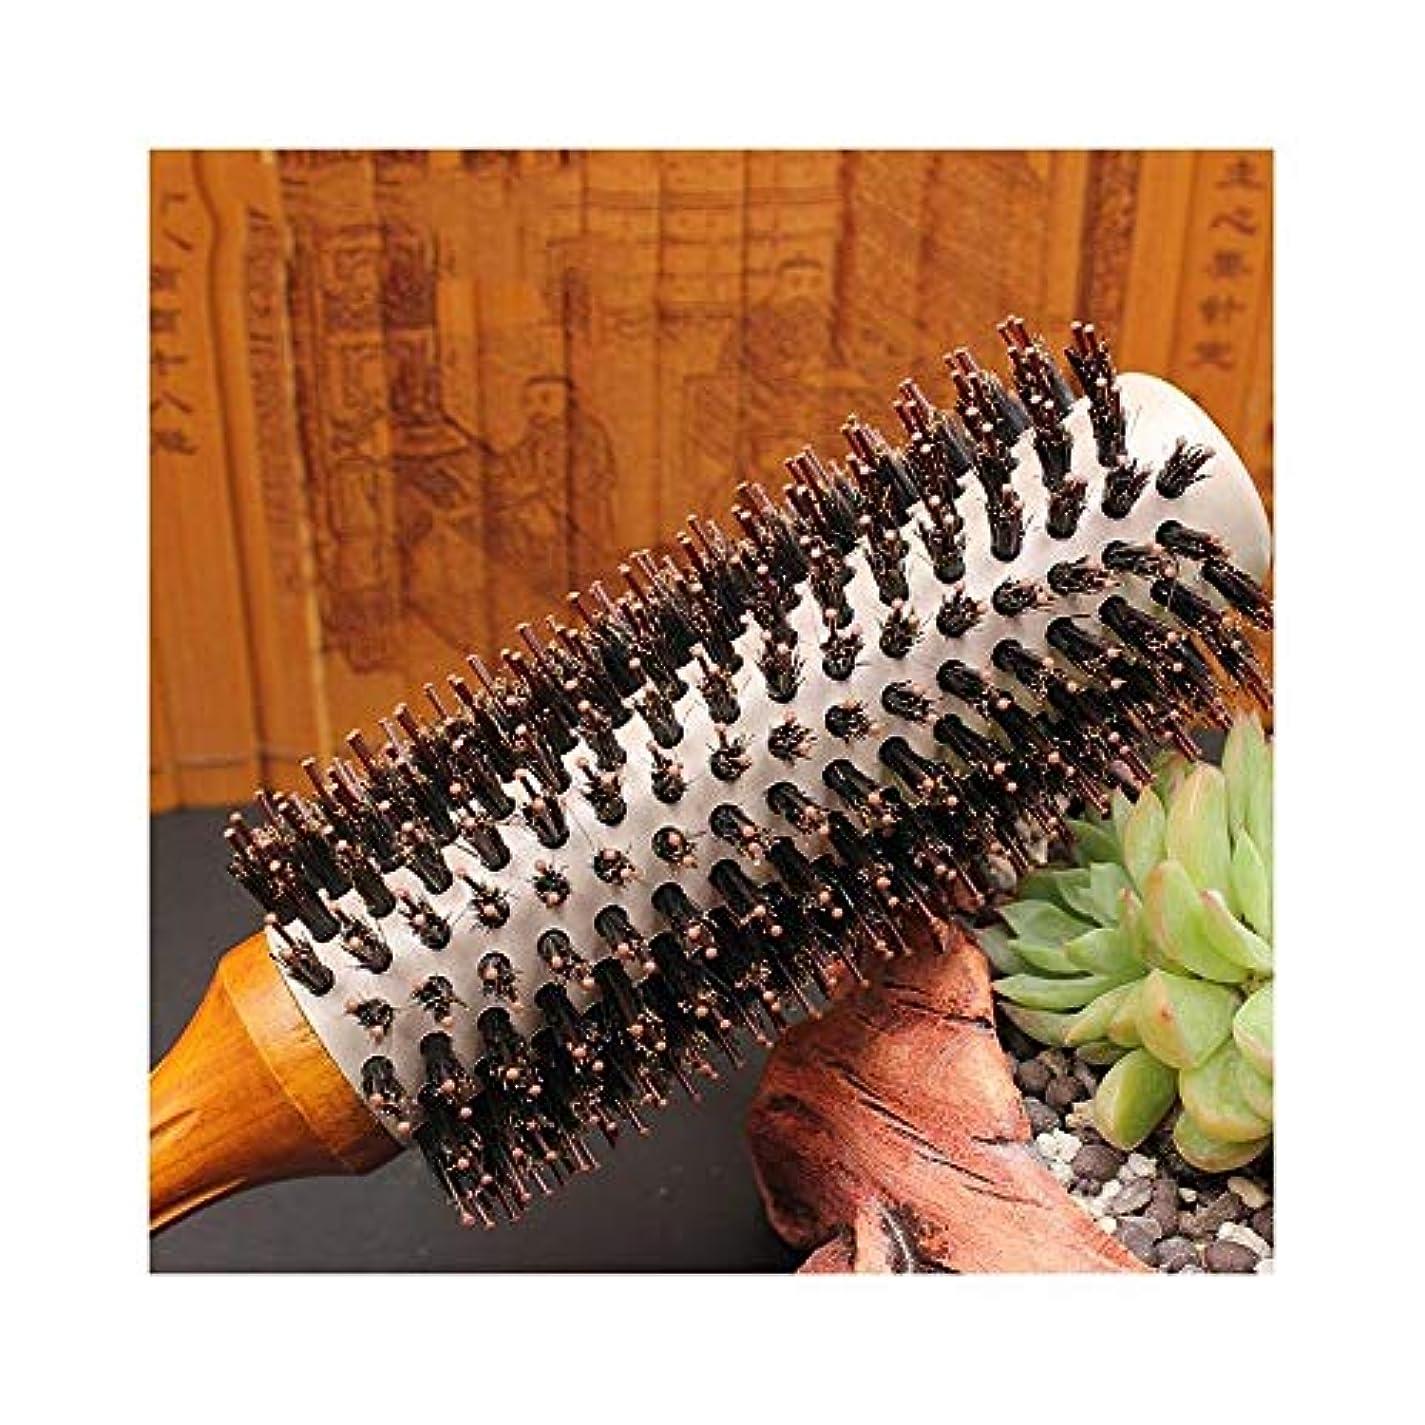 飢晩ごはんキャプチャーヘアコーム理髪くし すべてのヘアスタイルのためにイノシシ毛&ナイロンピン - プロフェッショナルイノシシ毛ラウンド櫛ドライヘアブラシブロー ヘアスタイリングコーム (Size : XL)